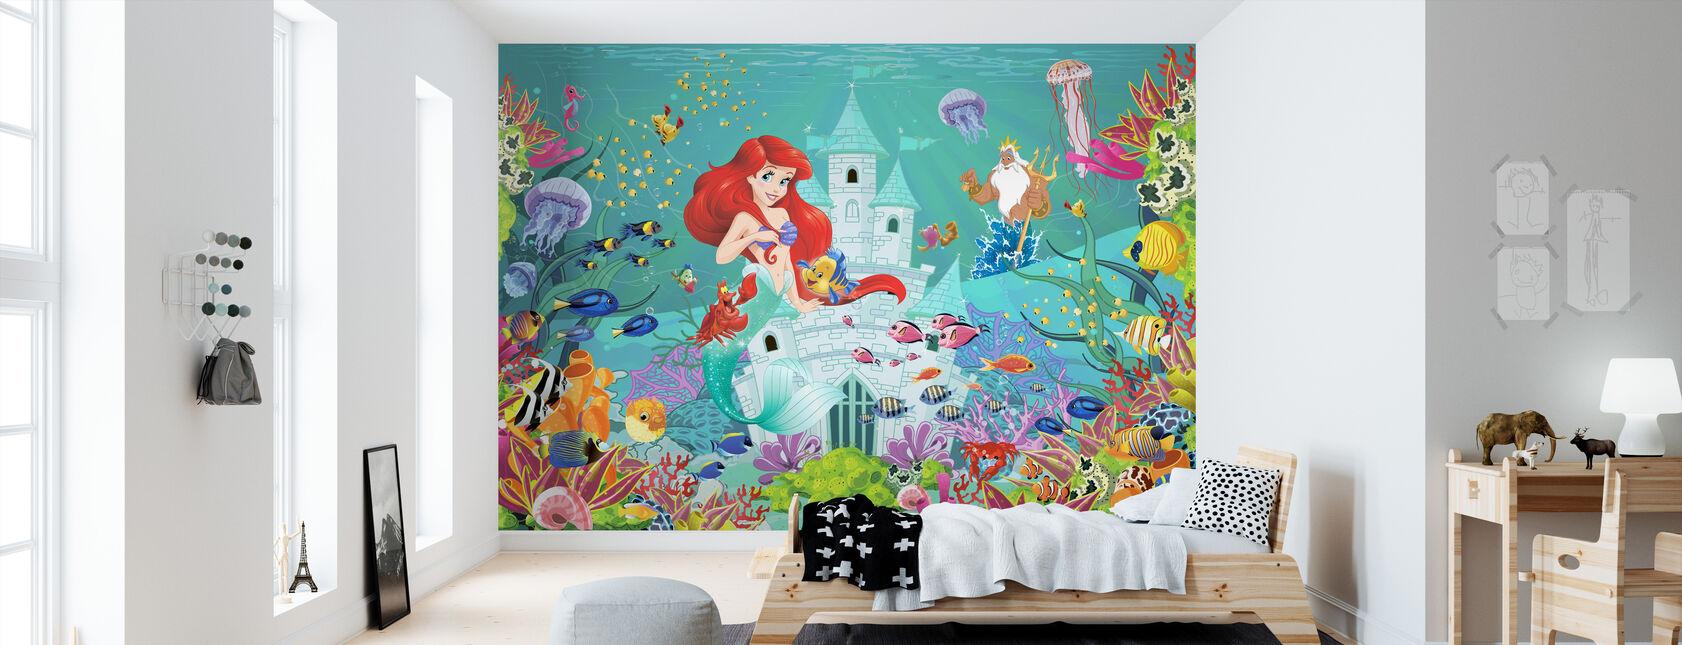 Mermaid Castle - Wallpaper - Kids Room